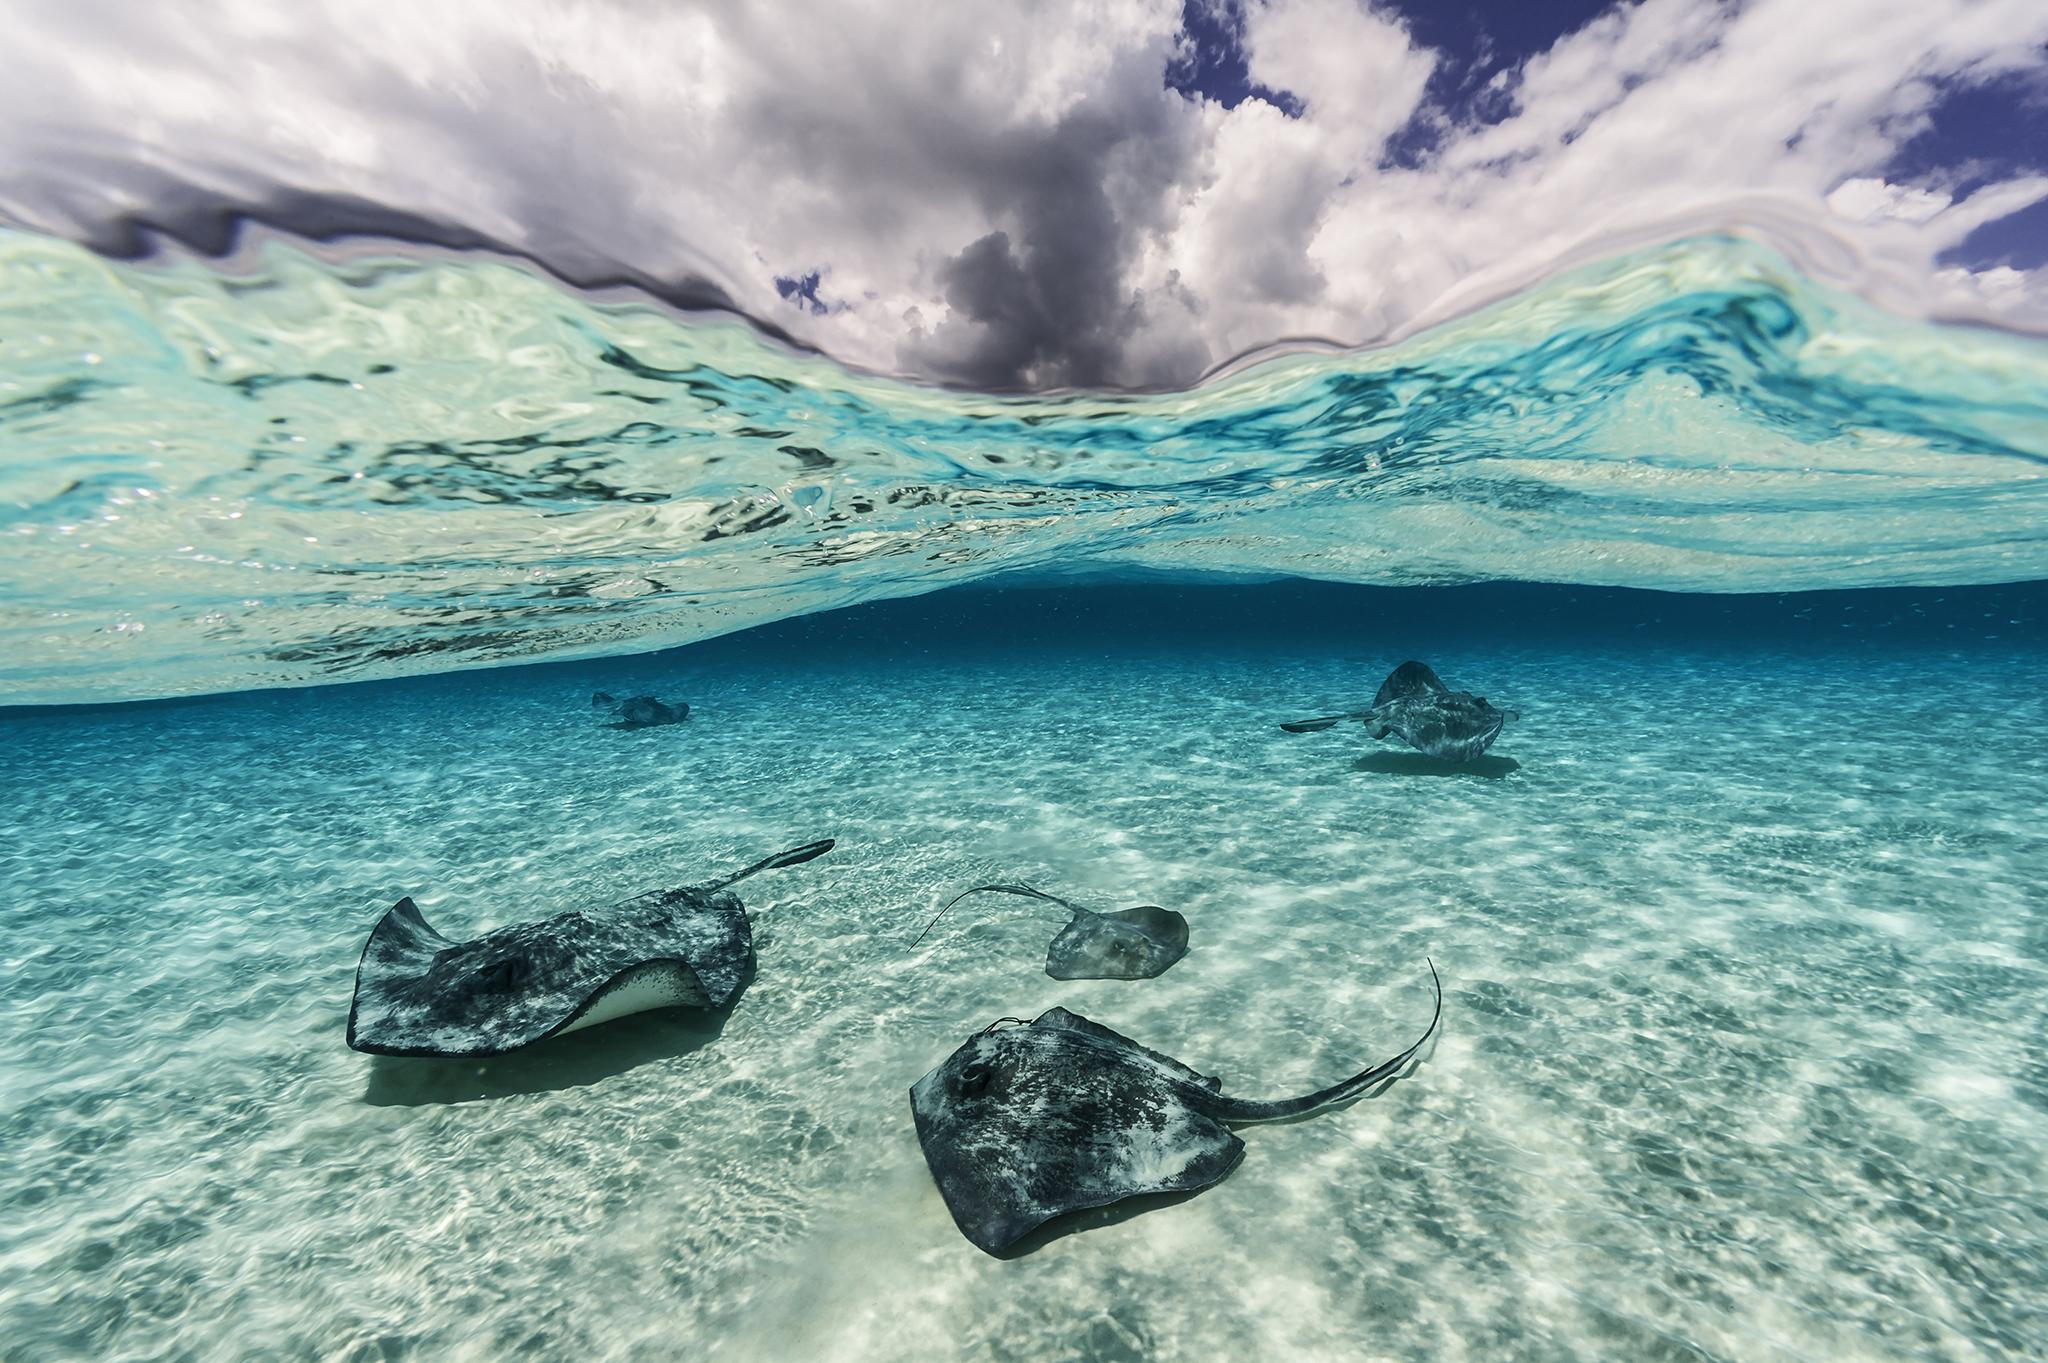 Raies et ciel. Un escadron de raies du sud (Hypanus americanus) parcourt les eaux sous un ciel impressionnant à North Sound, l'île de Grand Cayman. Les raies accueillent des milliers de touristes par jour, en espérant un morceau de calamar, puis disparaissent pour retourner à leur vie secrète.